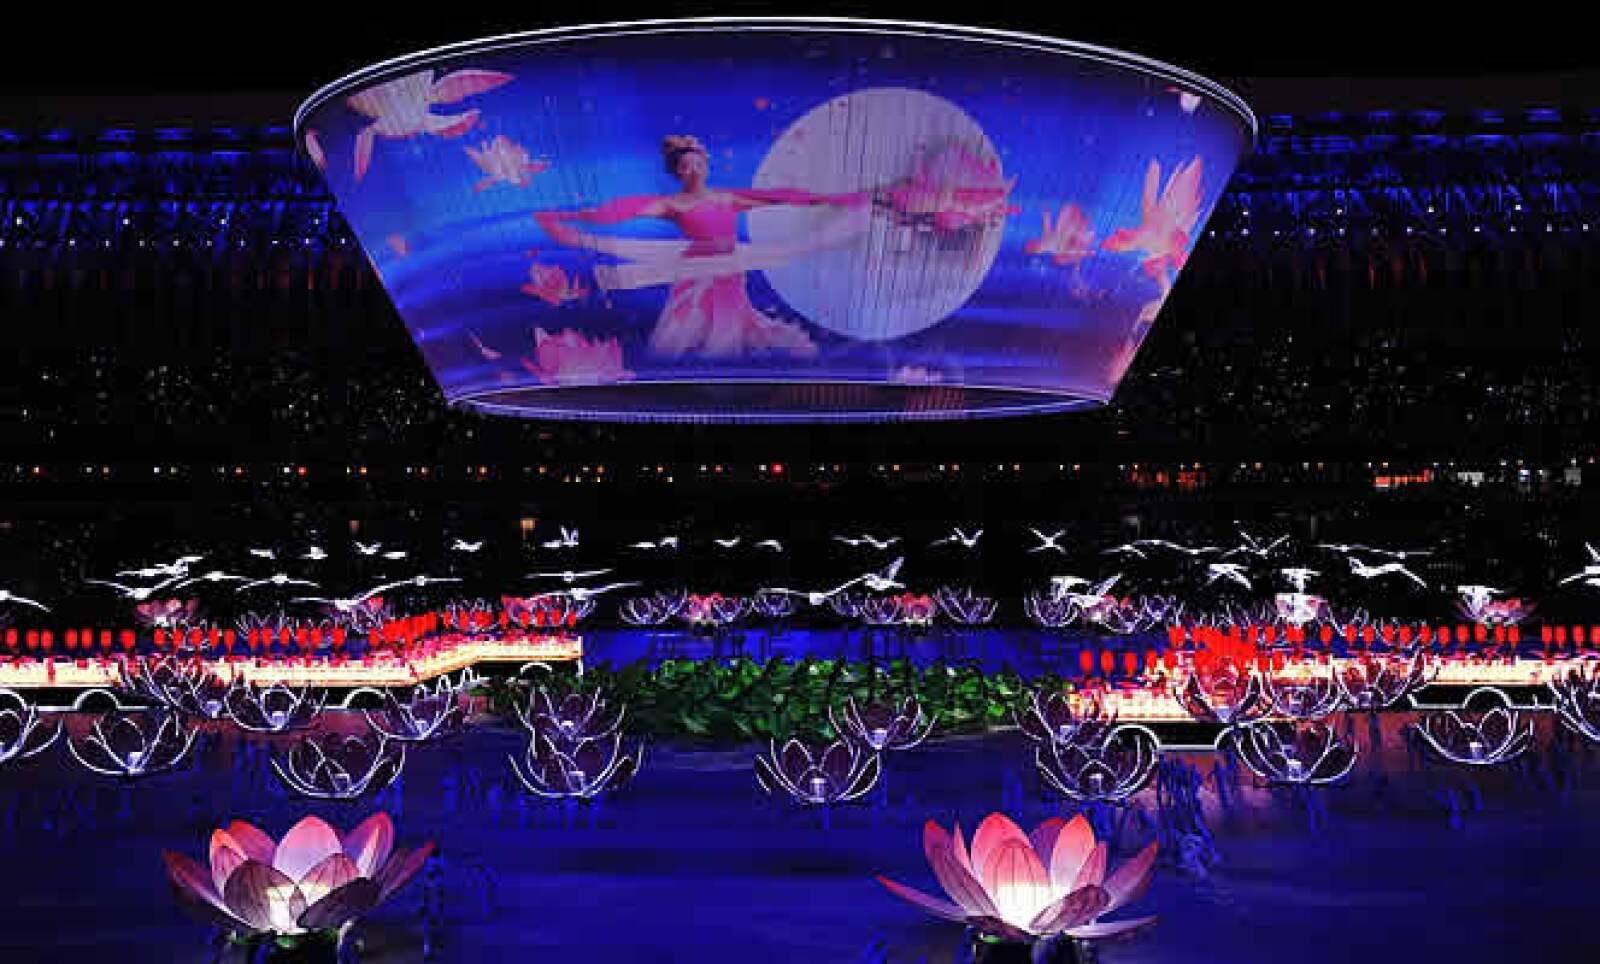 El presidente Hu Jintao inauguró los XI Juegos Deportivos Nacionales de China, en los cuales participan 10 mil 991 competidores, una cifra récord de atletas con el reto de lograr avances en las disciplinas colectivas camino a la cita olímpica de Londres 2